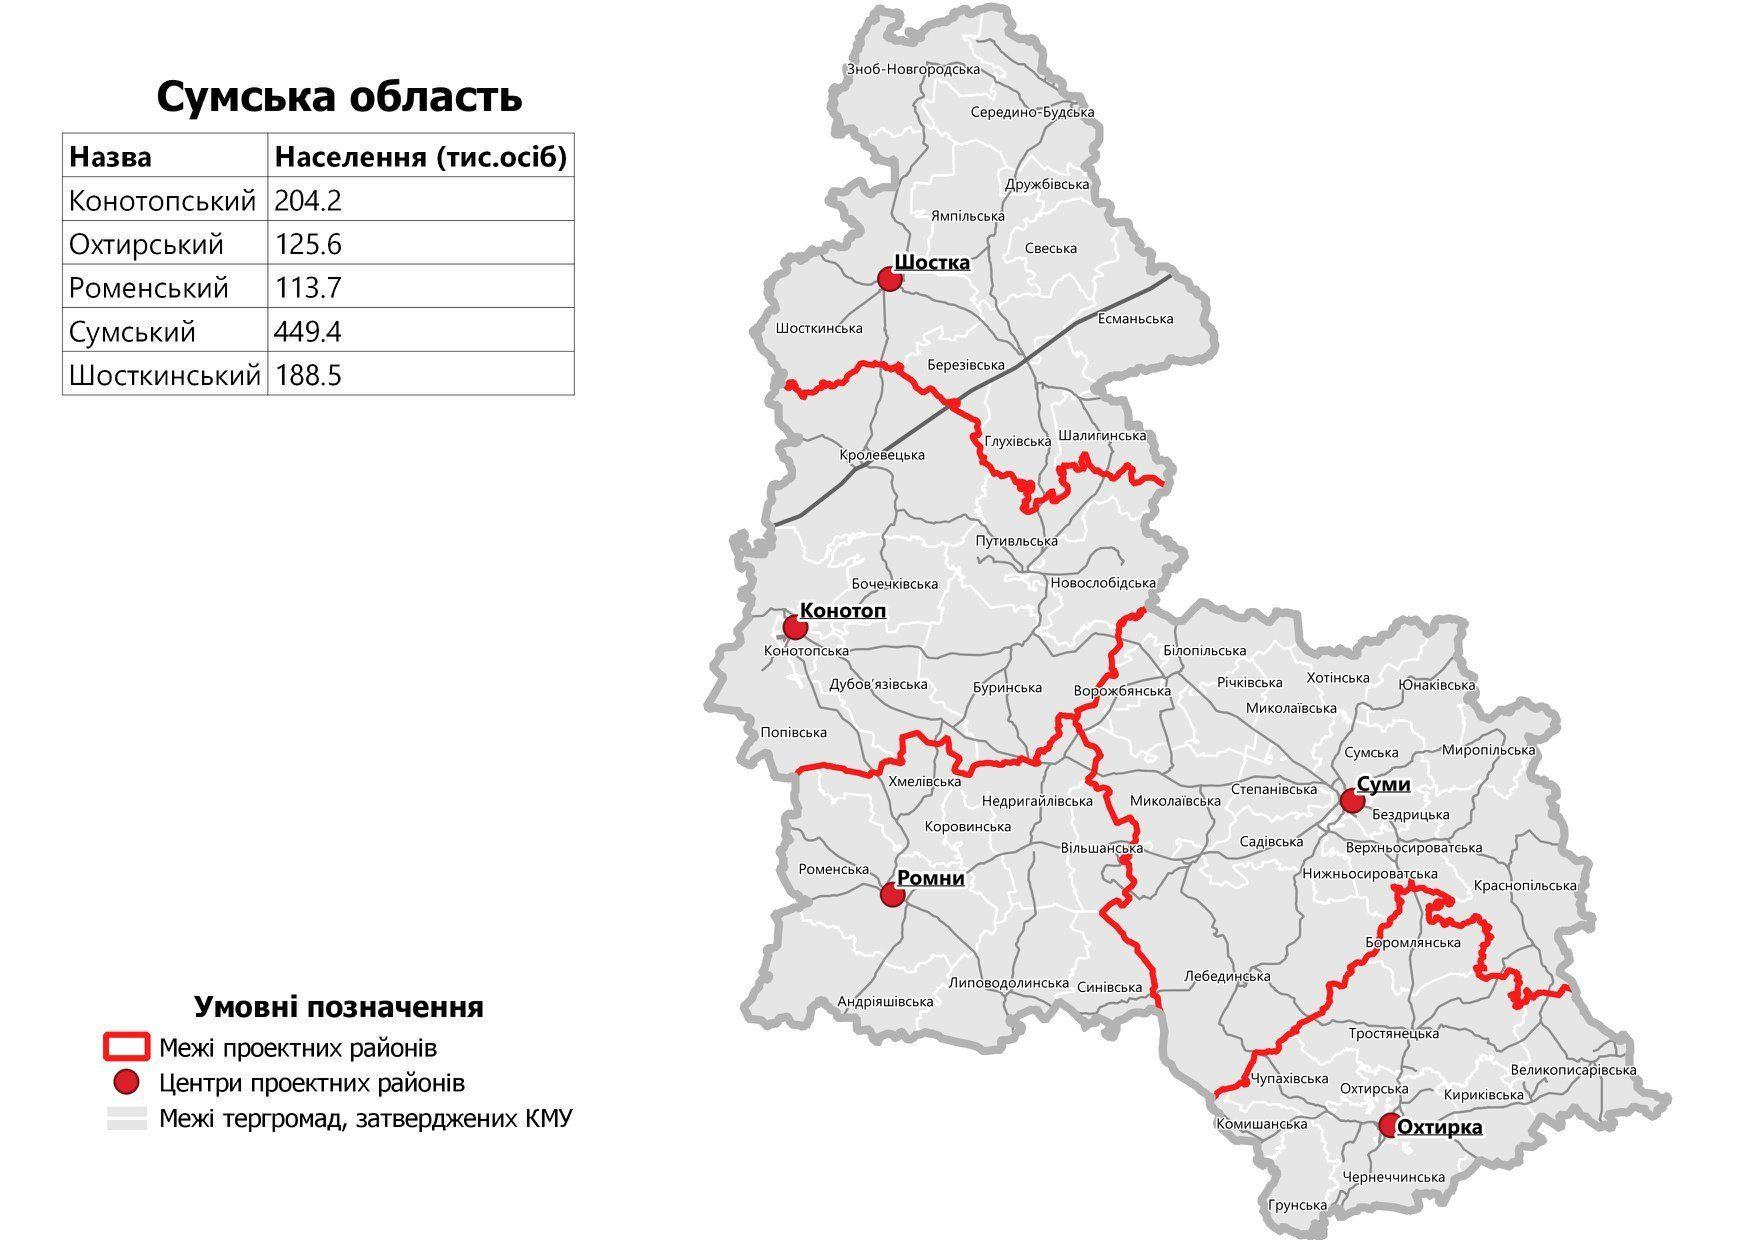 Мапа нових районів_19